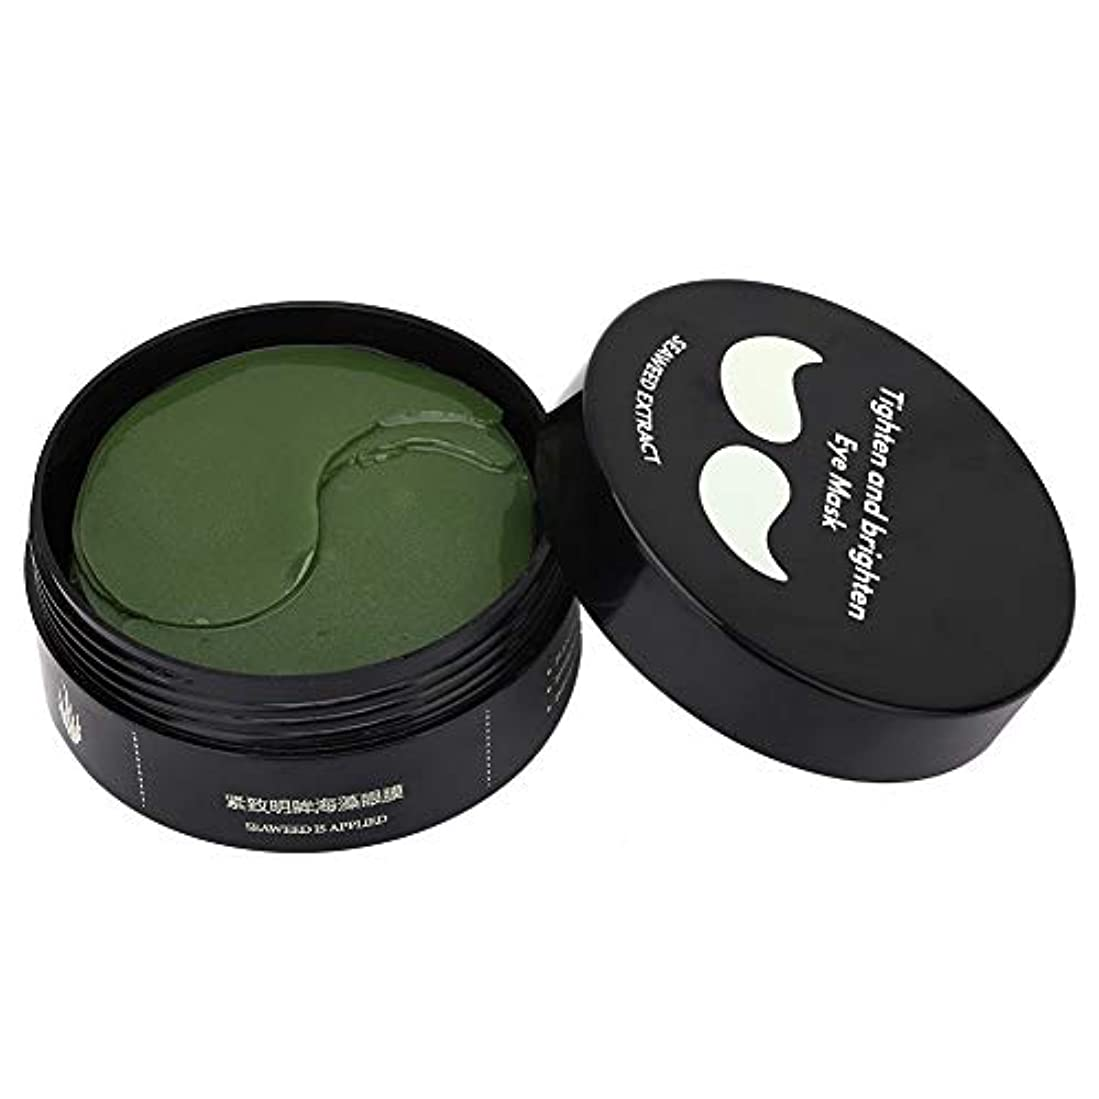 システム本会議症候群アイジェルマスク、60個/箱緑藻アイジェルマスクしわ防止しわくちゃダークサークル保湿引き締めパット产品標题(タイトル):